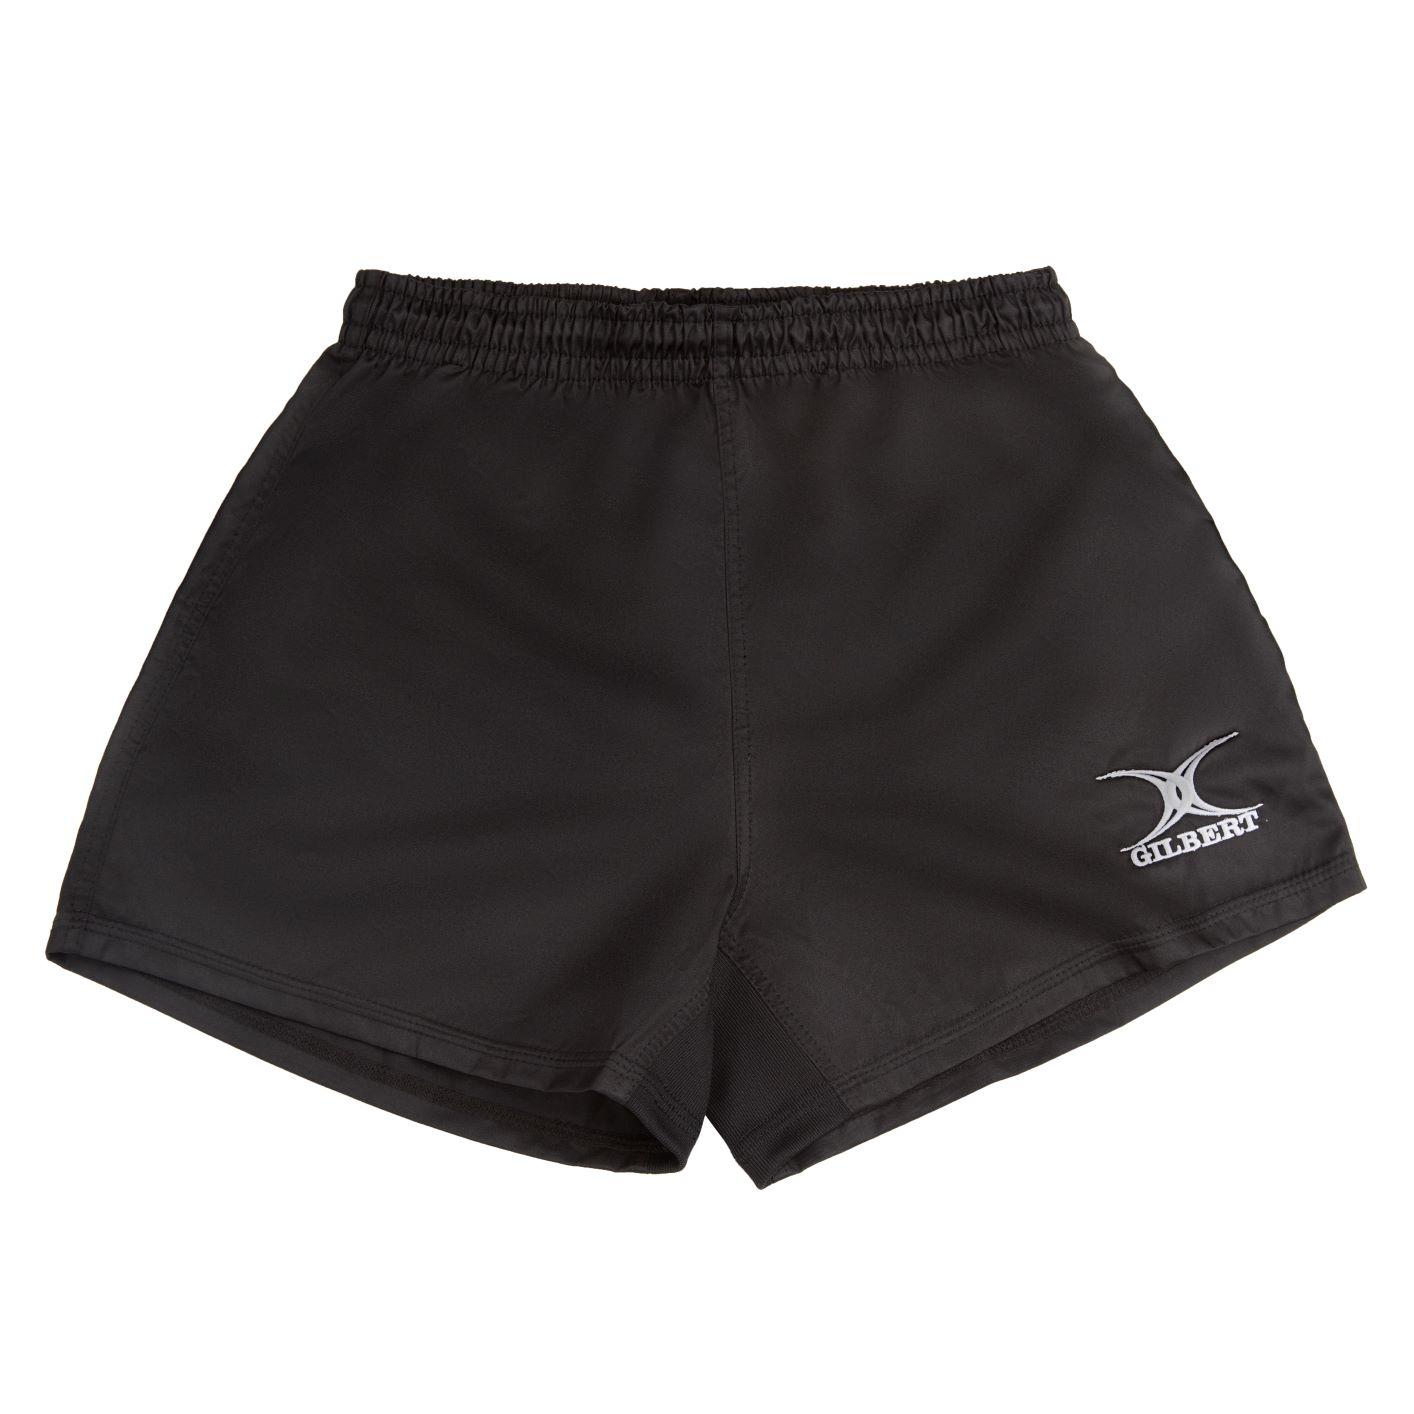 Shorts Gilbert Match